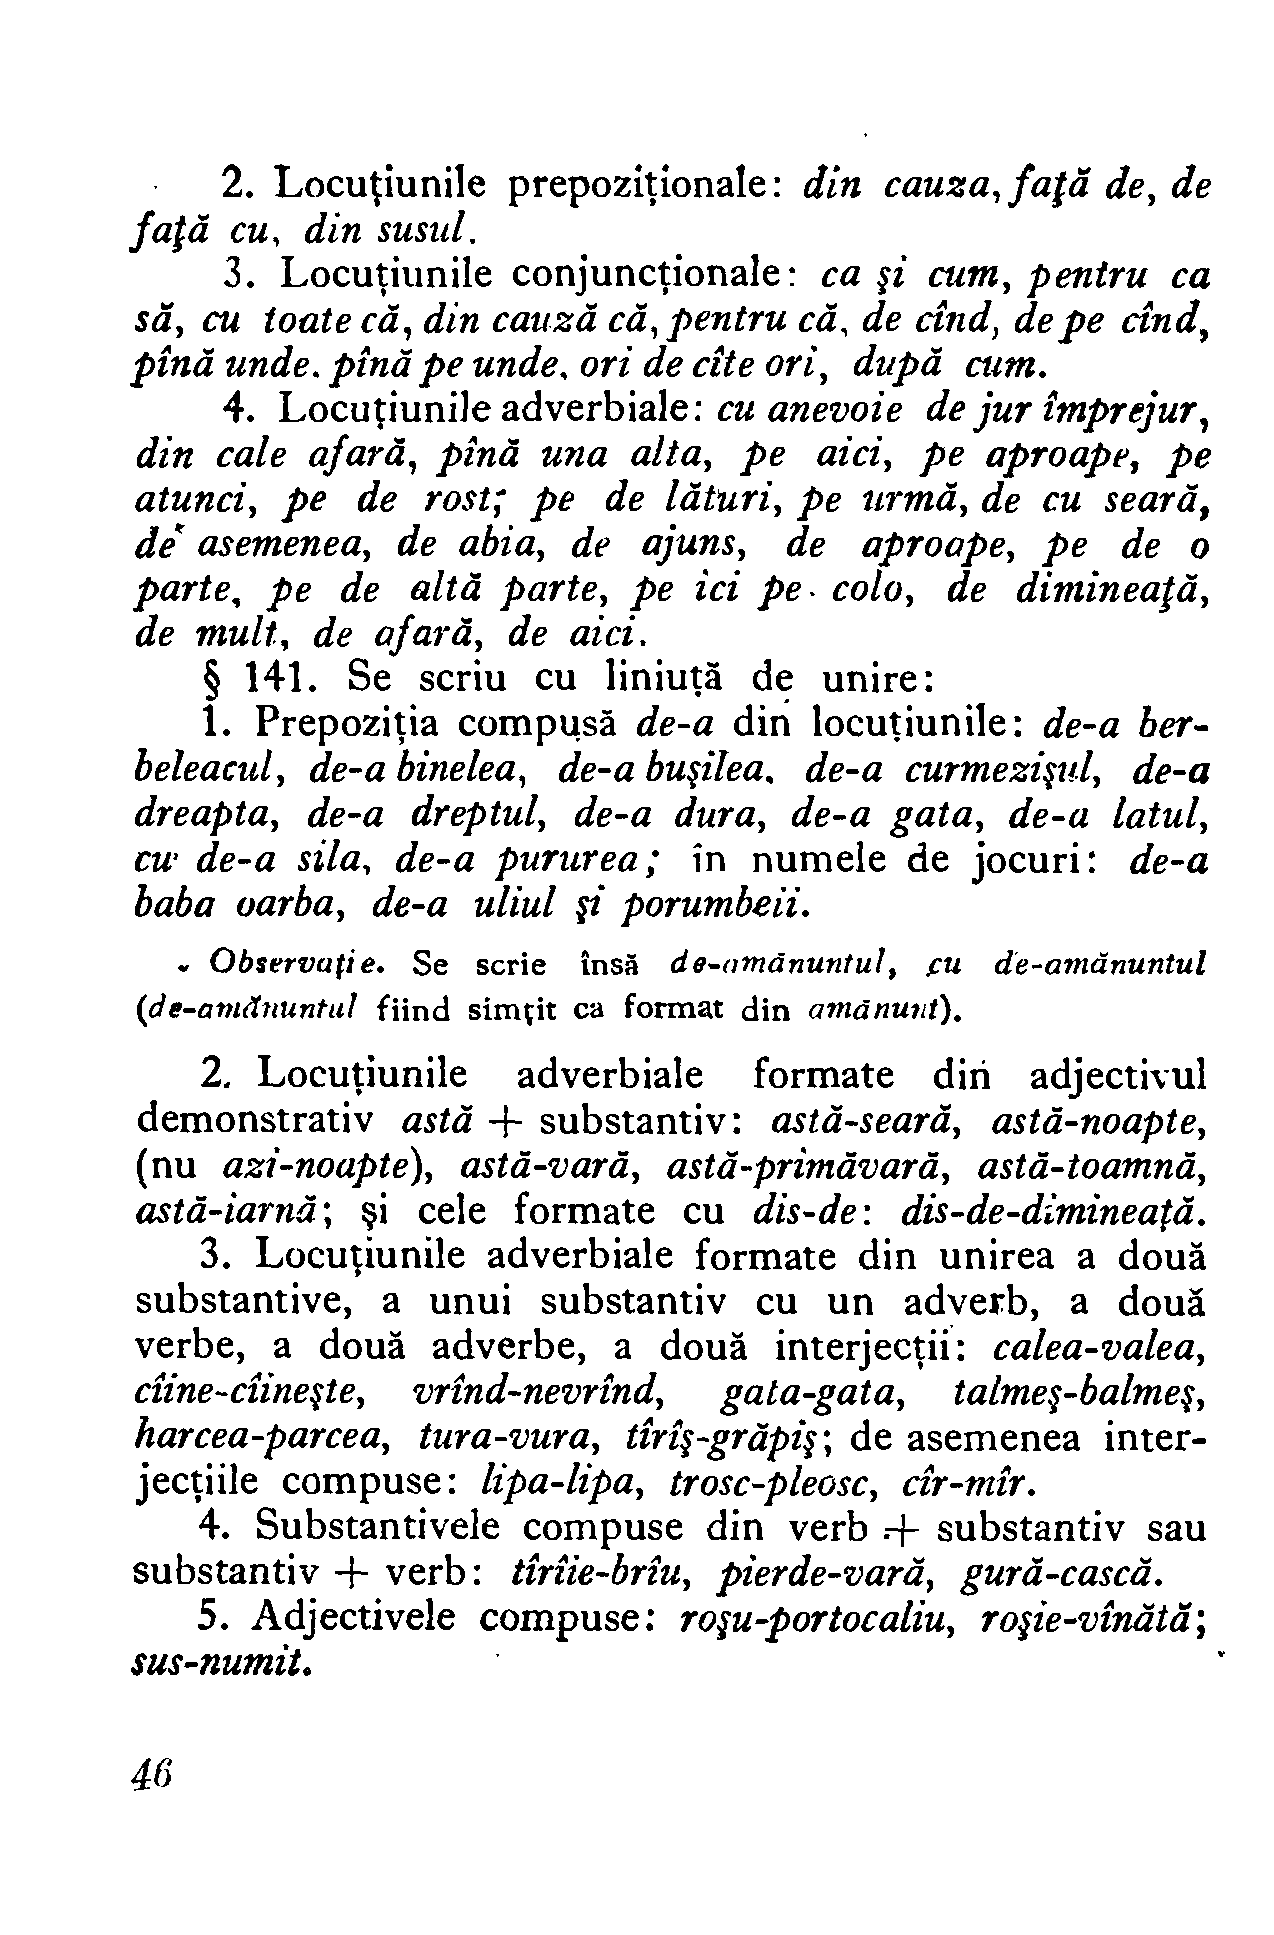 1954 - Mic dicționar ortografic (44).png